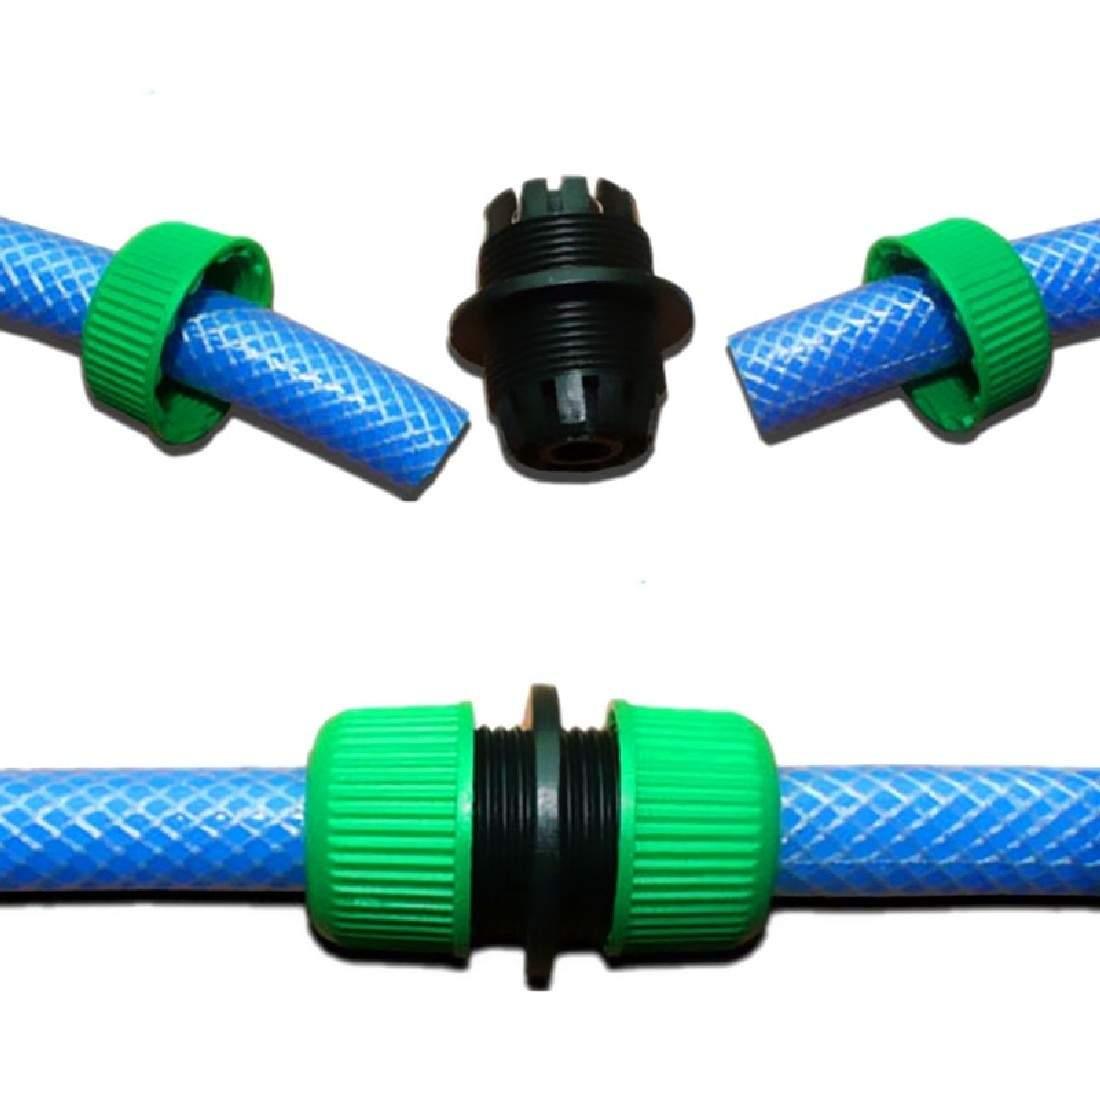 1 2 garten Wasserschlauchanschluss Rohr Schnellkupplungen Beitritt Mender Reparatur Undichten Joiner Stecker adapter